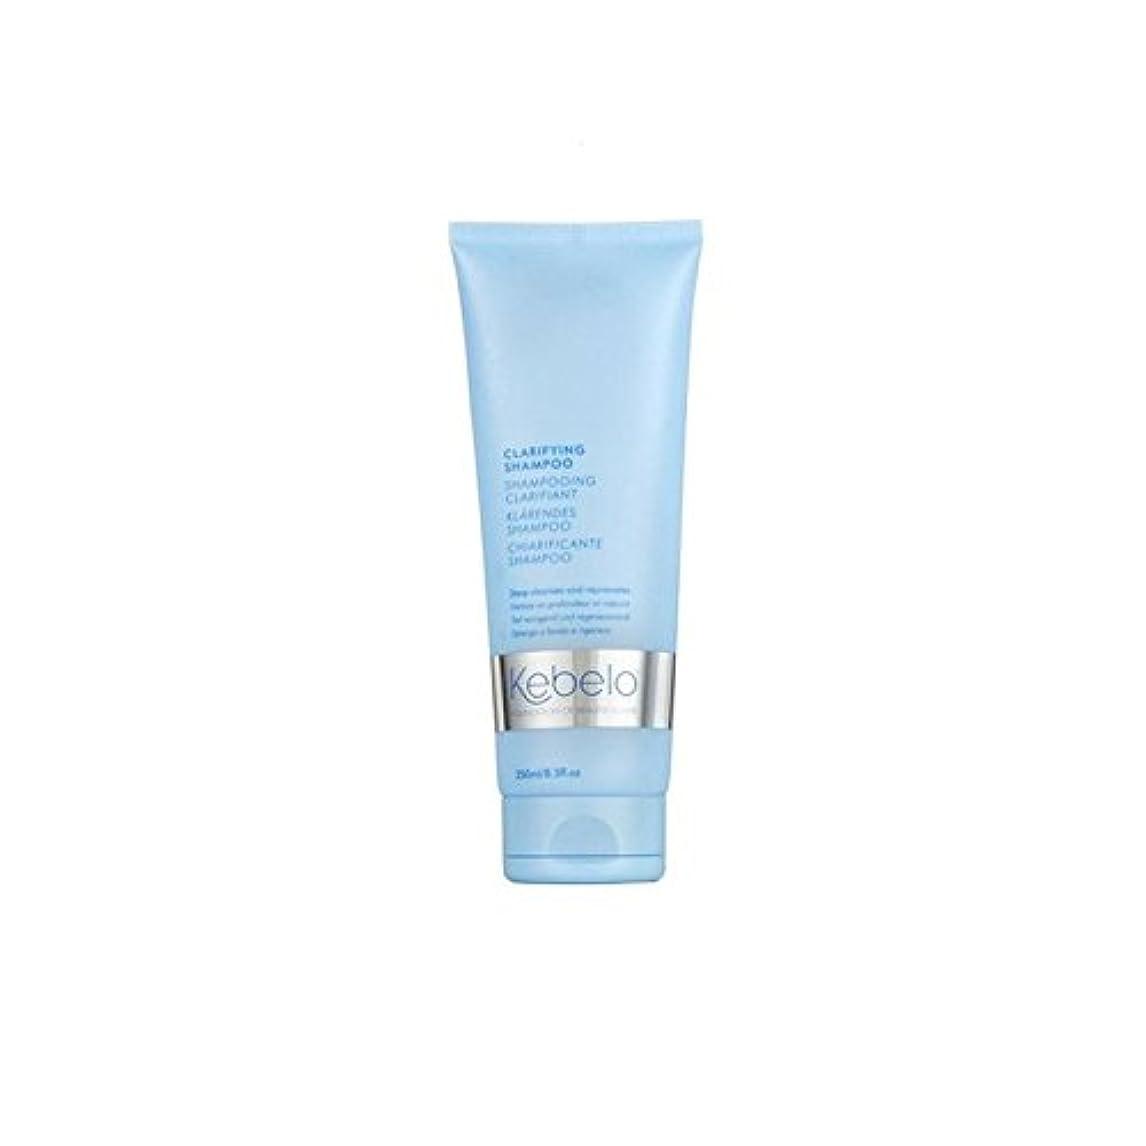 マナー迷彩バルセロナKebelo Clarifying Shampoo (250ml) - 明確化シャンプー(250ミリリットル) [並行輸入品]